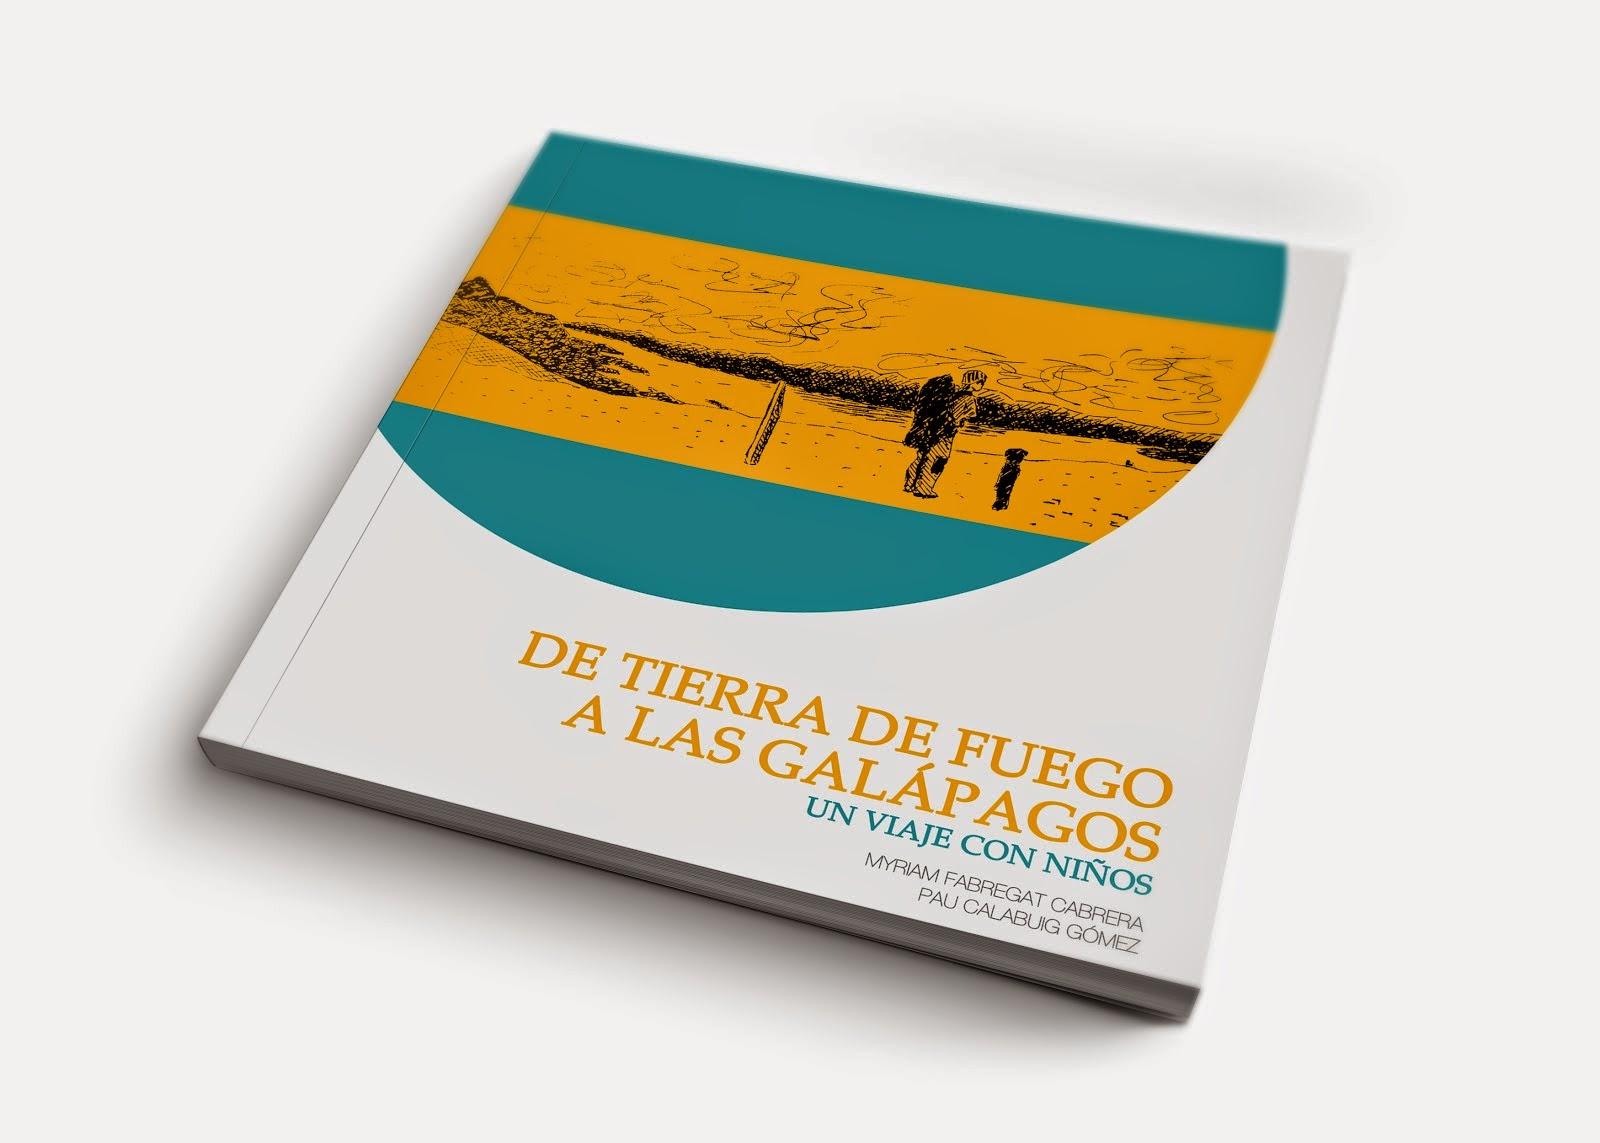 DE TIERRA DEL FUEGO A LAS GALÁPAGOS: UN VIAJE CON NIÑOS